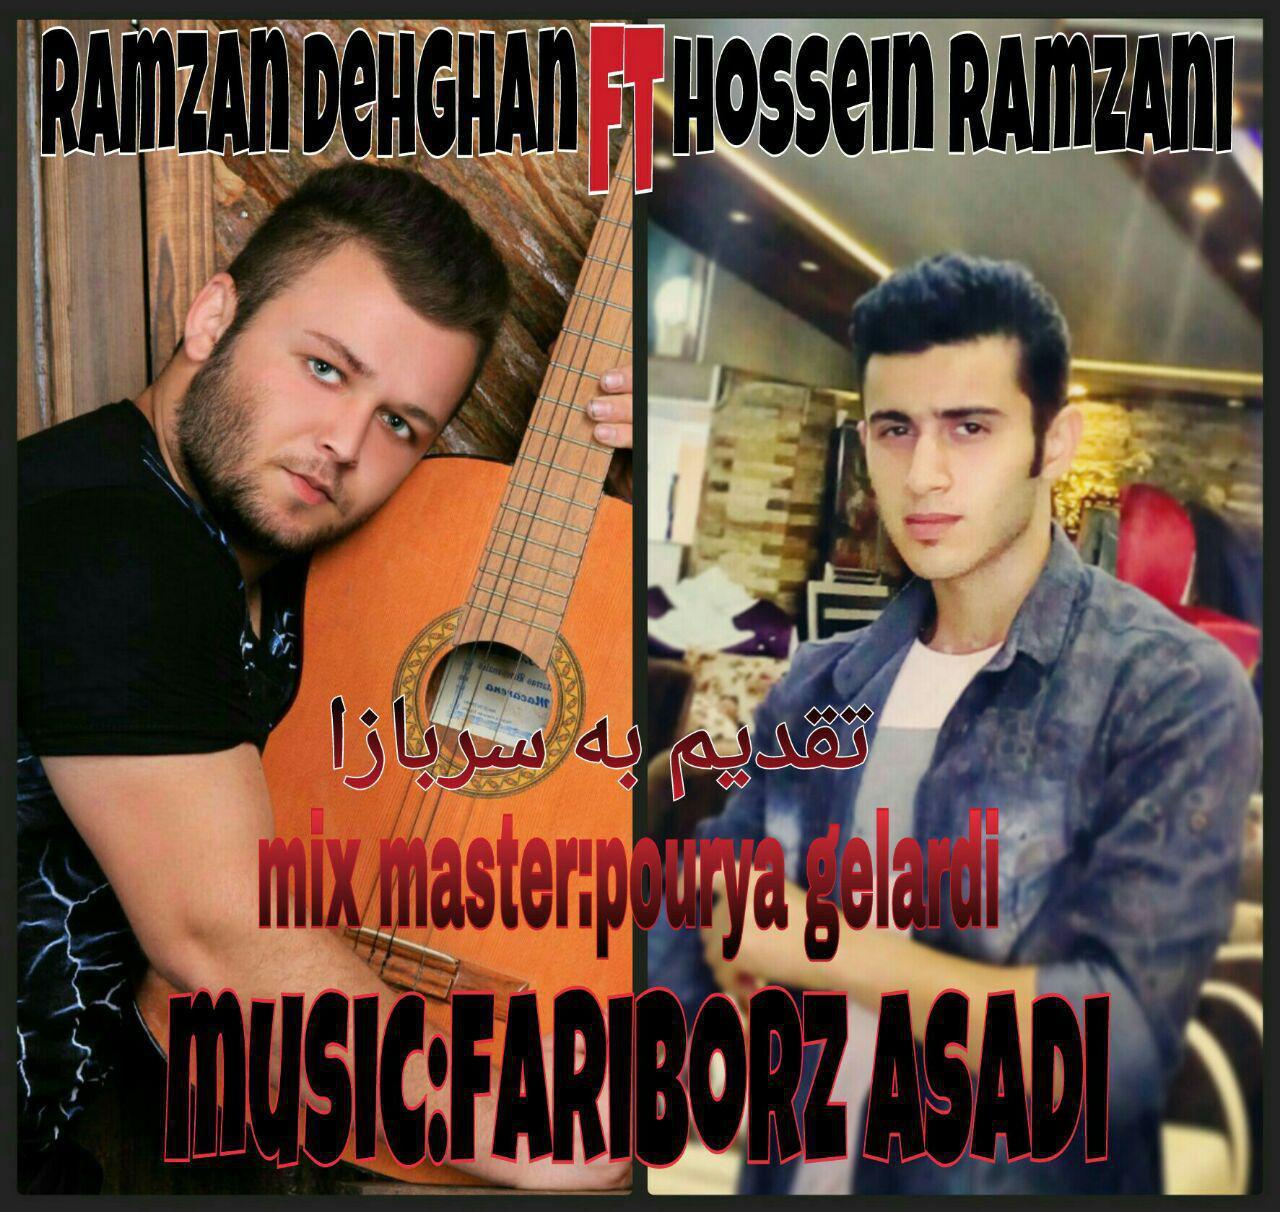 دانلود آهنگ جدید رمضان دهقان و حسین رمضانی به نام سرباز